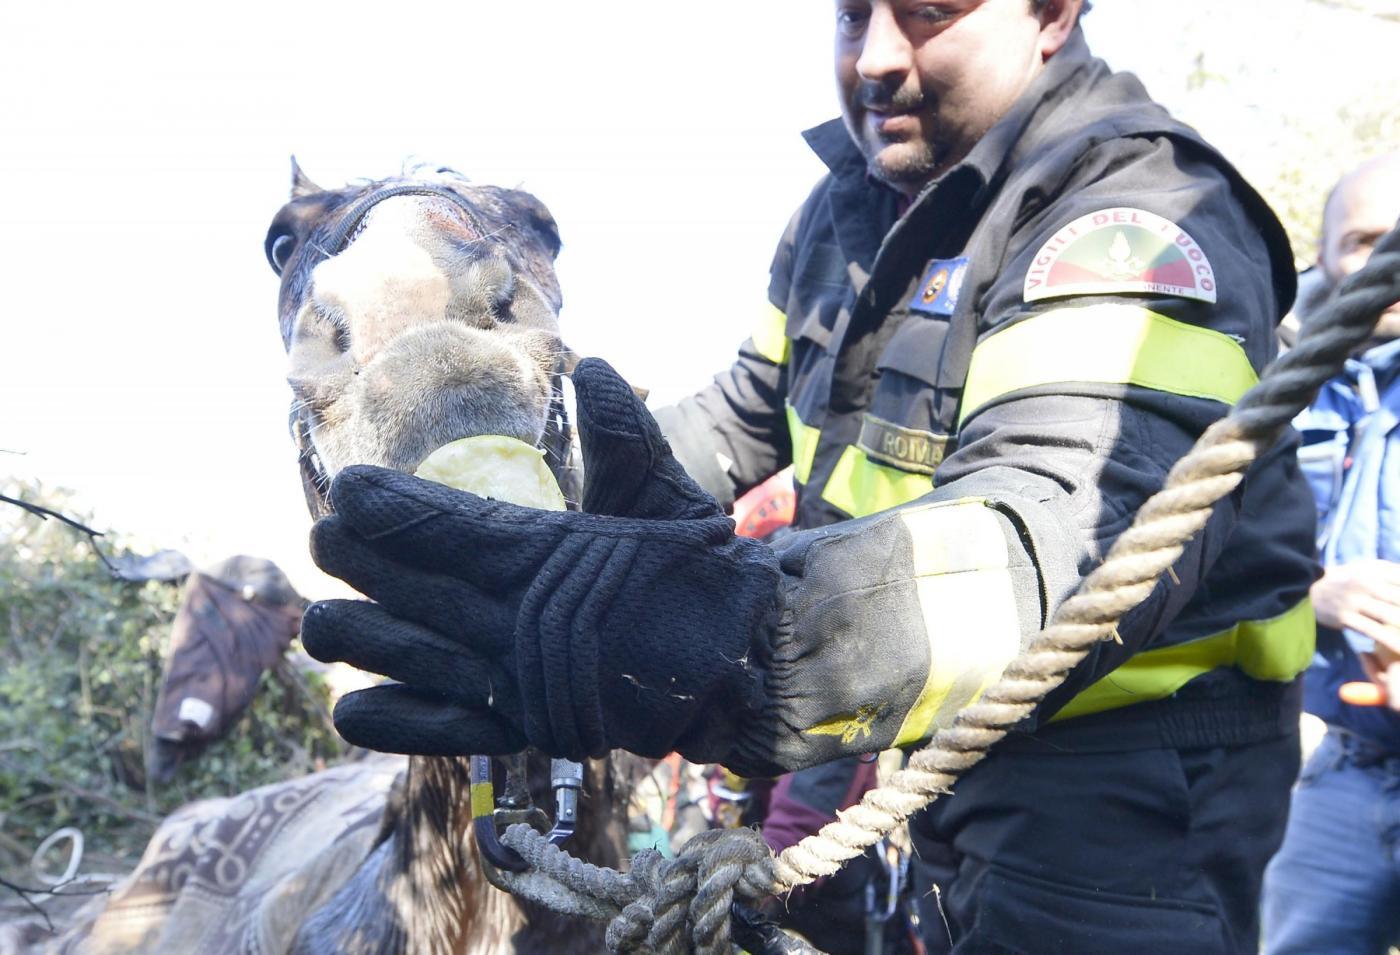 Roma: Salvataggio cavallo nel fiume Aniene06